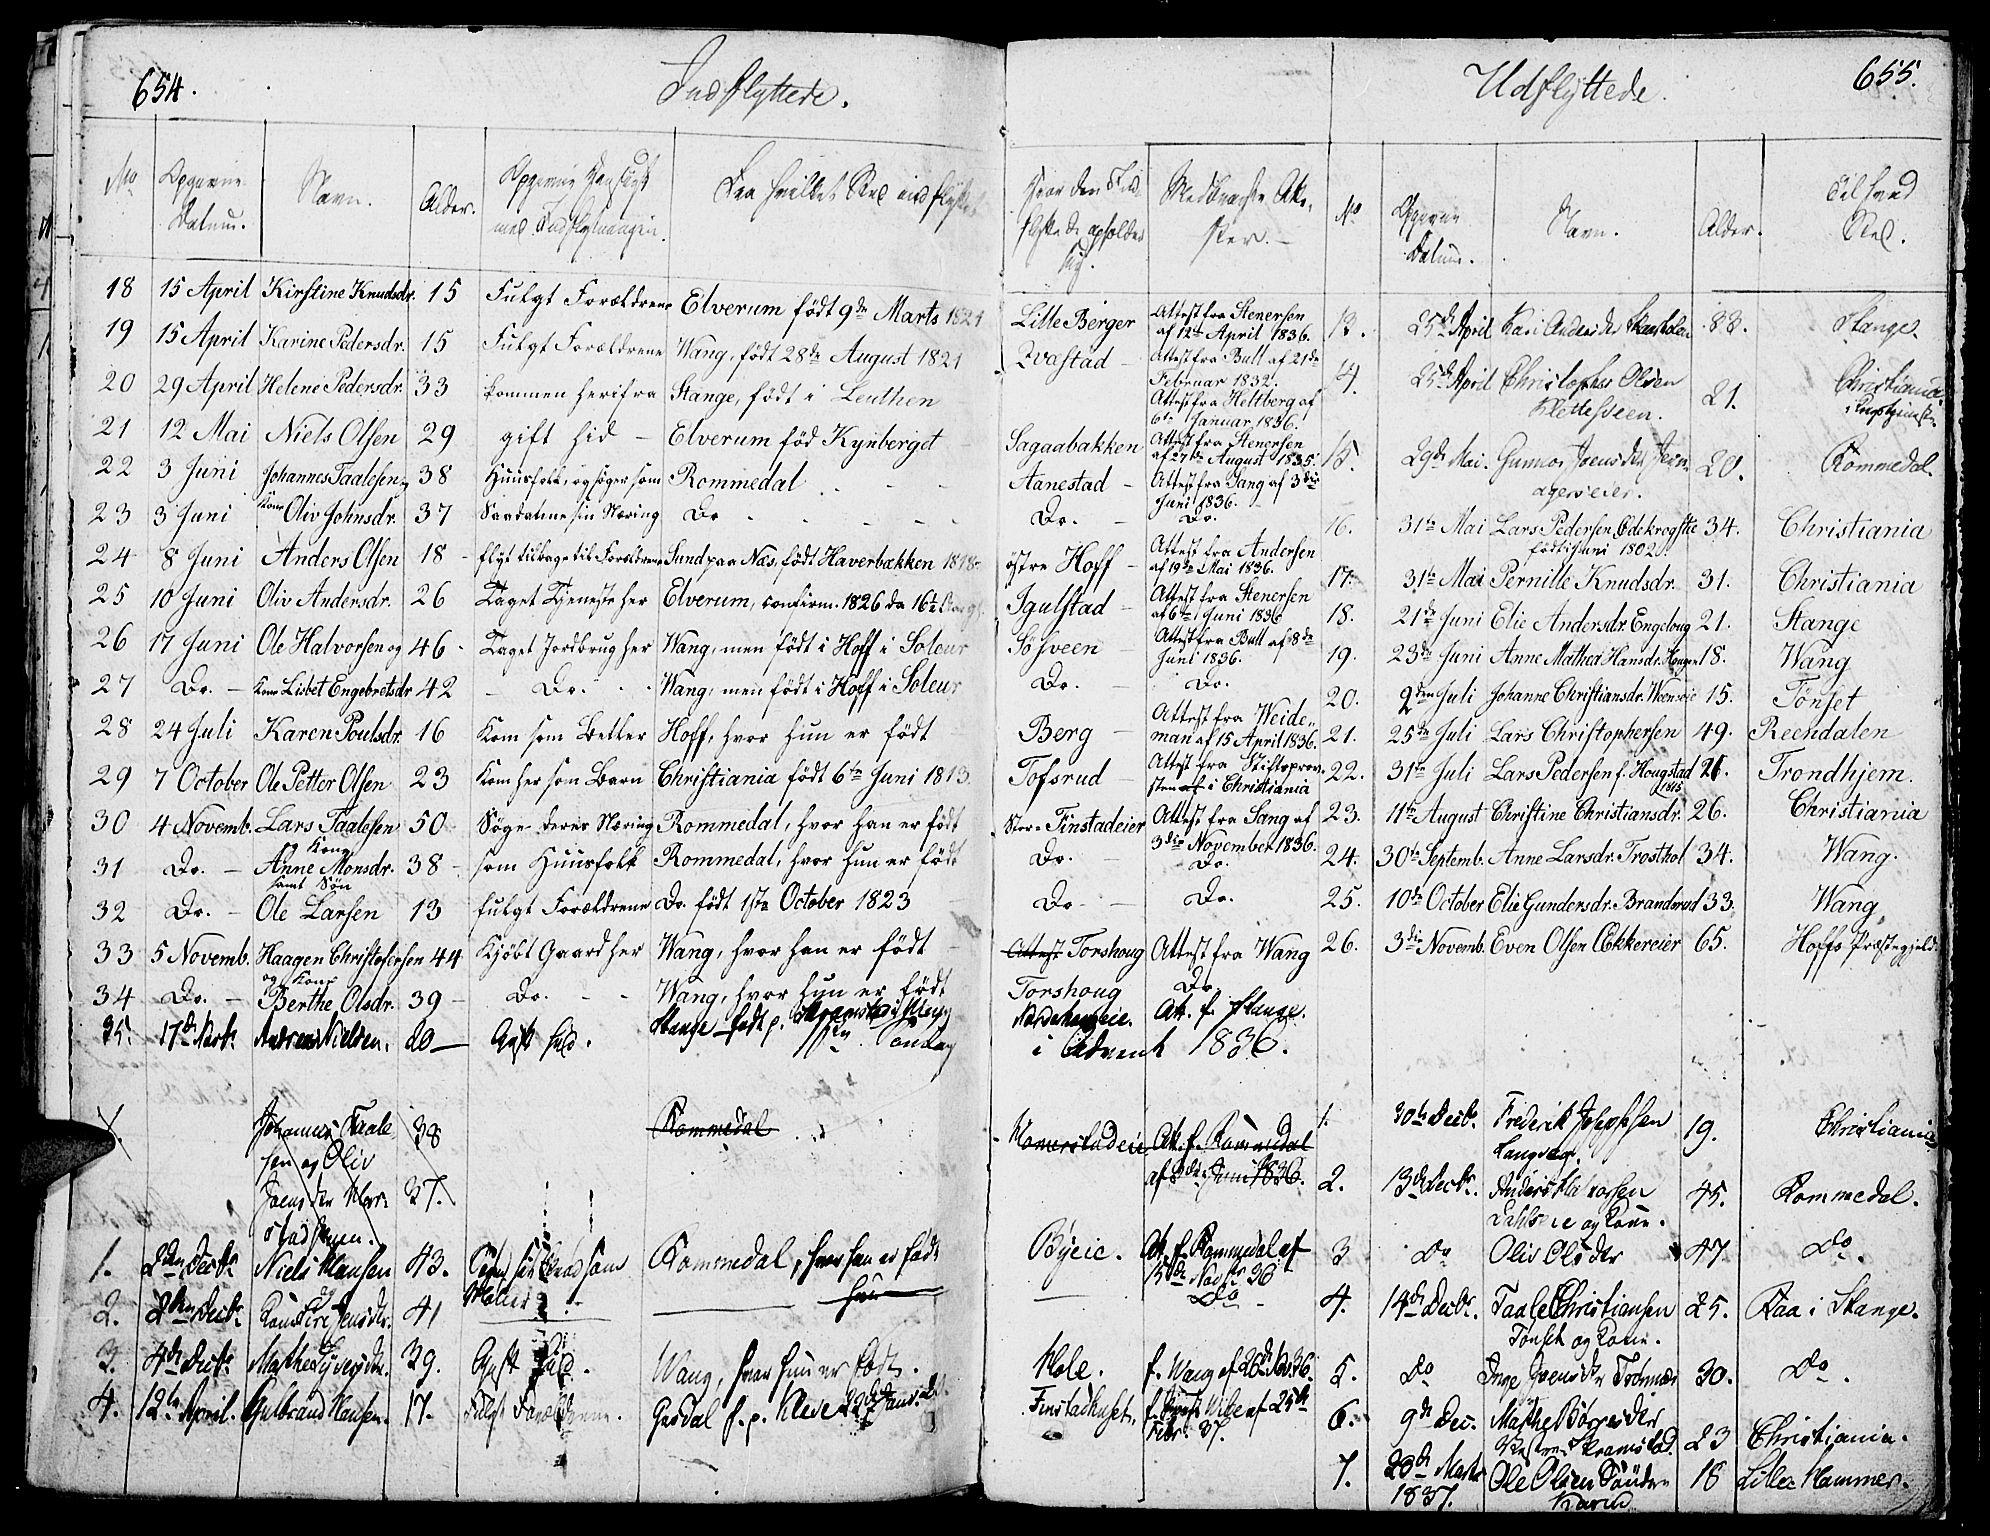 SAH, Løten prestekontor, K/Ka/L0006: Parish register (official) no. 6, 1832-1849, p. 654-655